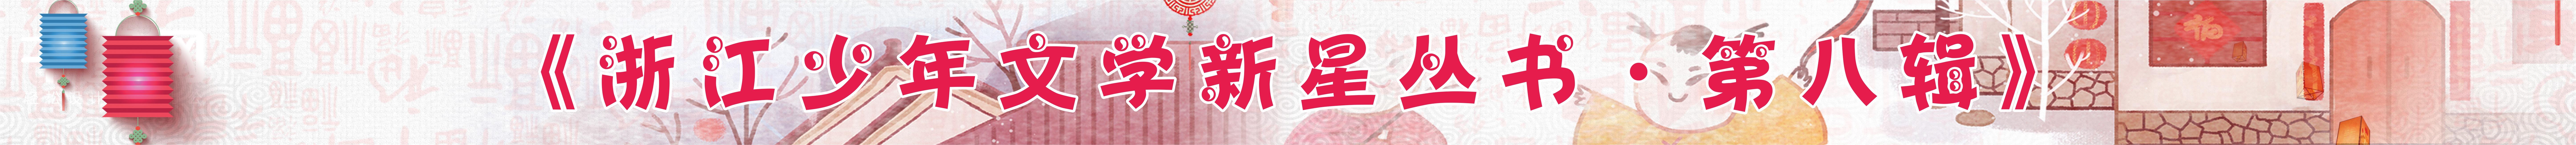 《浙江少年文学新星丛书·第八辑》征稿启事